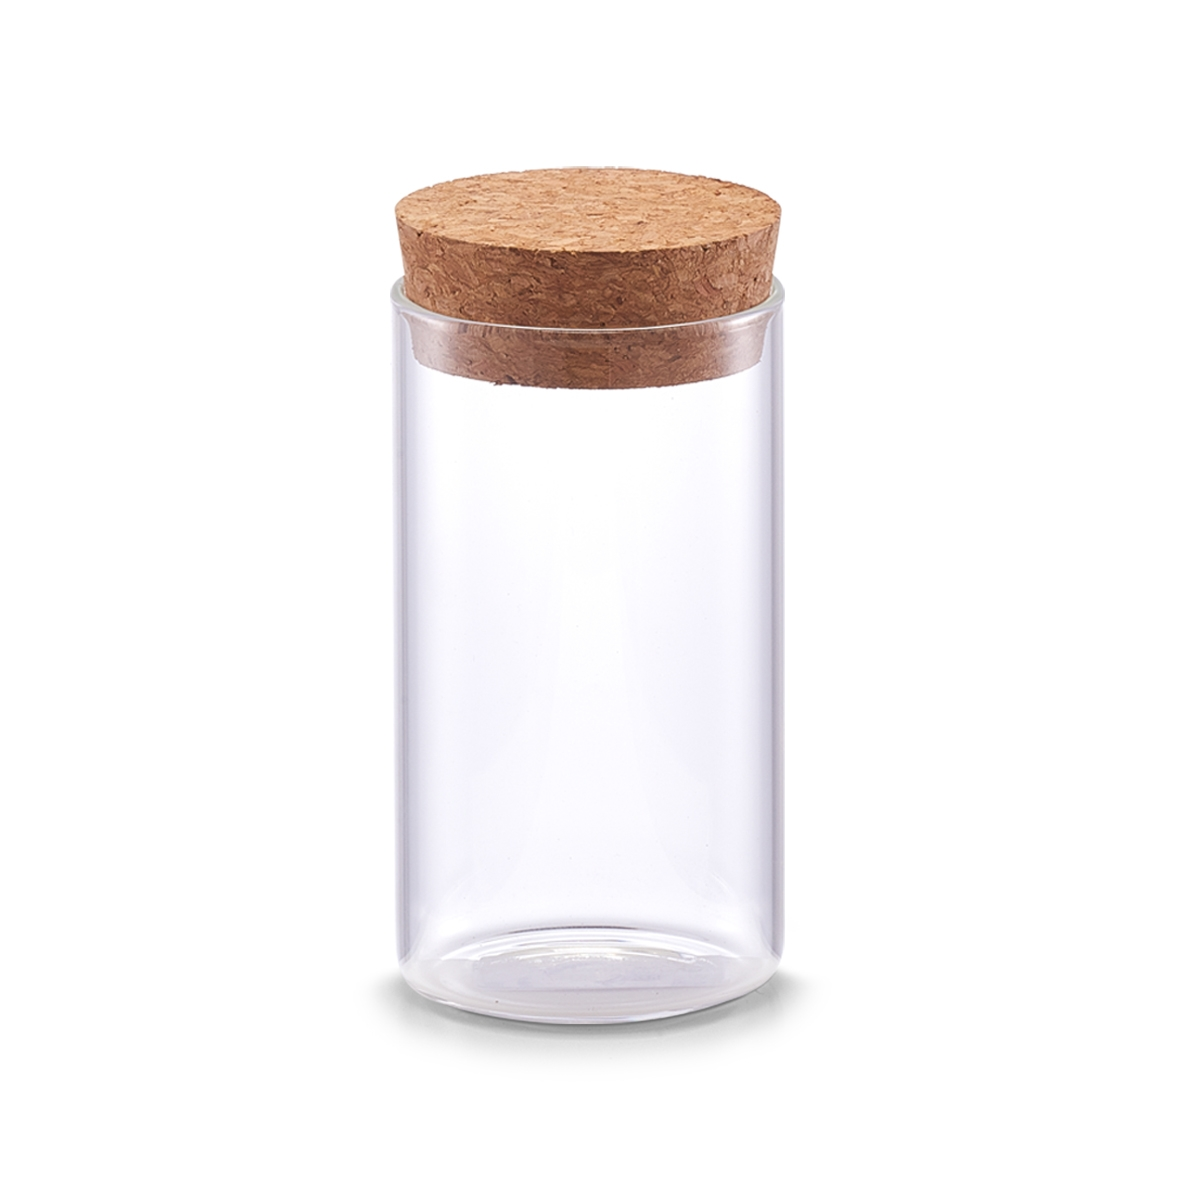 Borcan pentru depozitare cu capac din pluta, Transparent Glass, 175 ml, Ø 5,5xH10 cm imagine